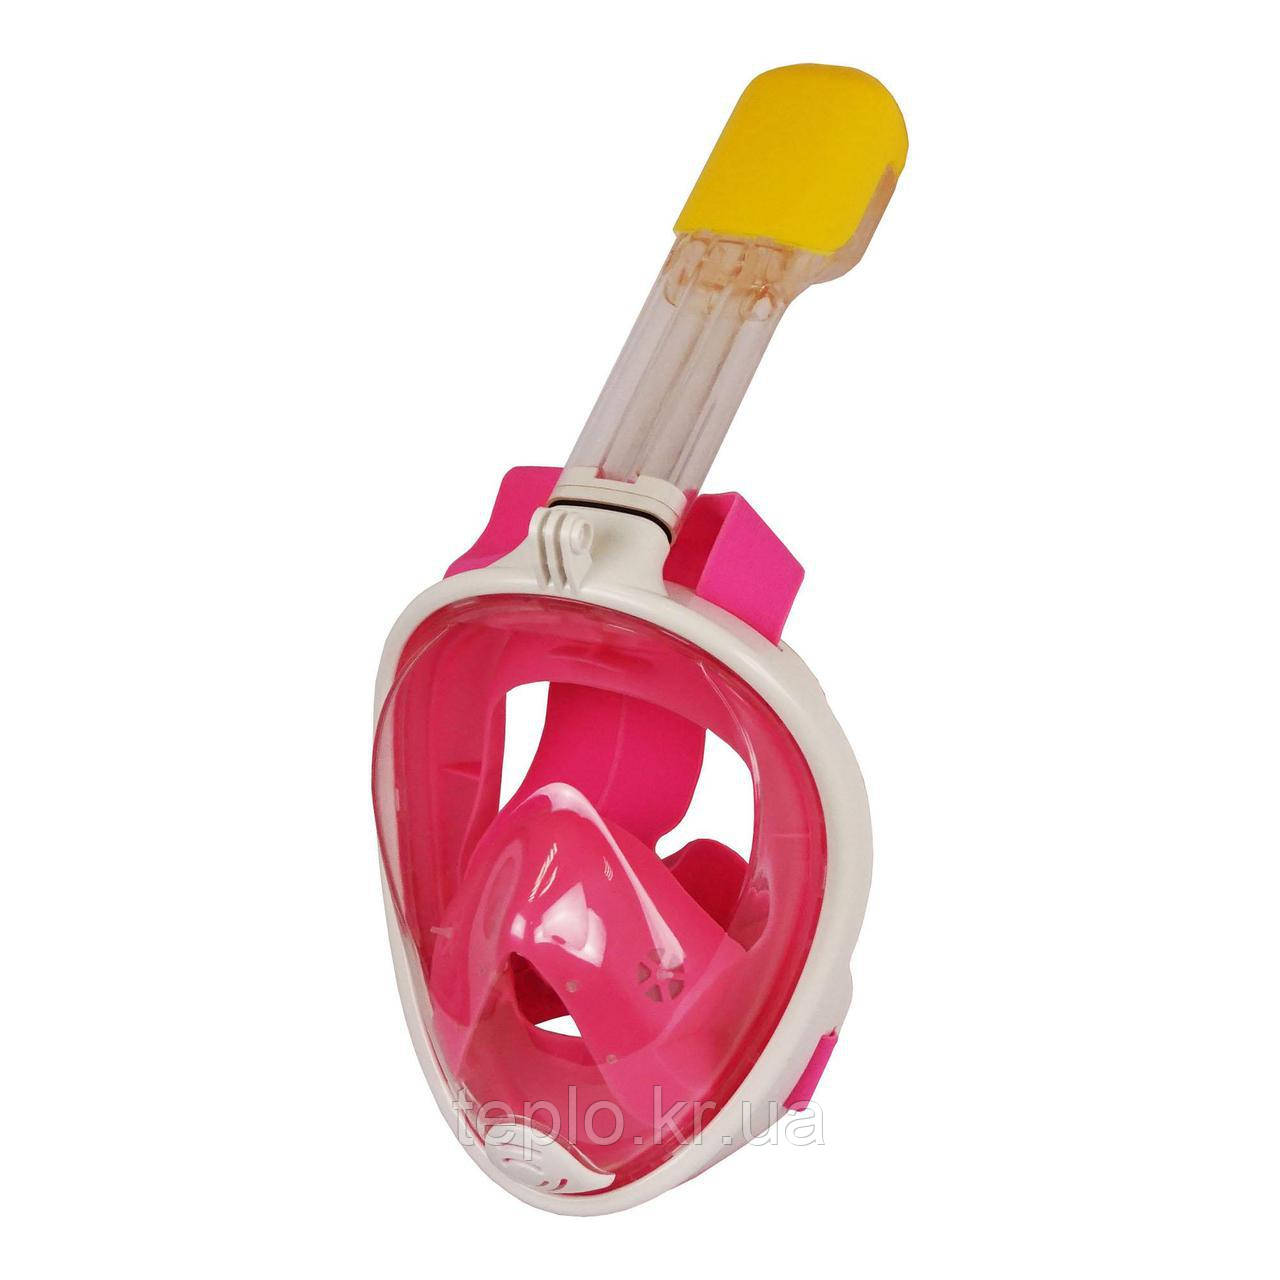 Маска для снорклинга Easybreath, розовый S/M